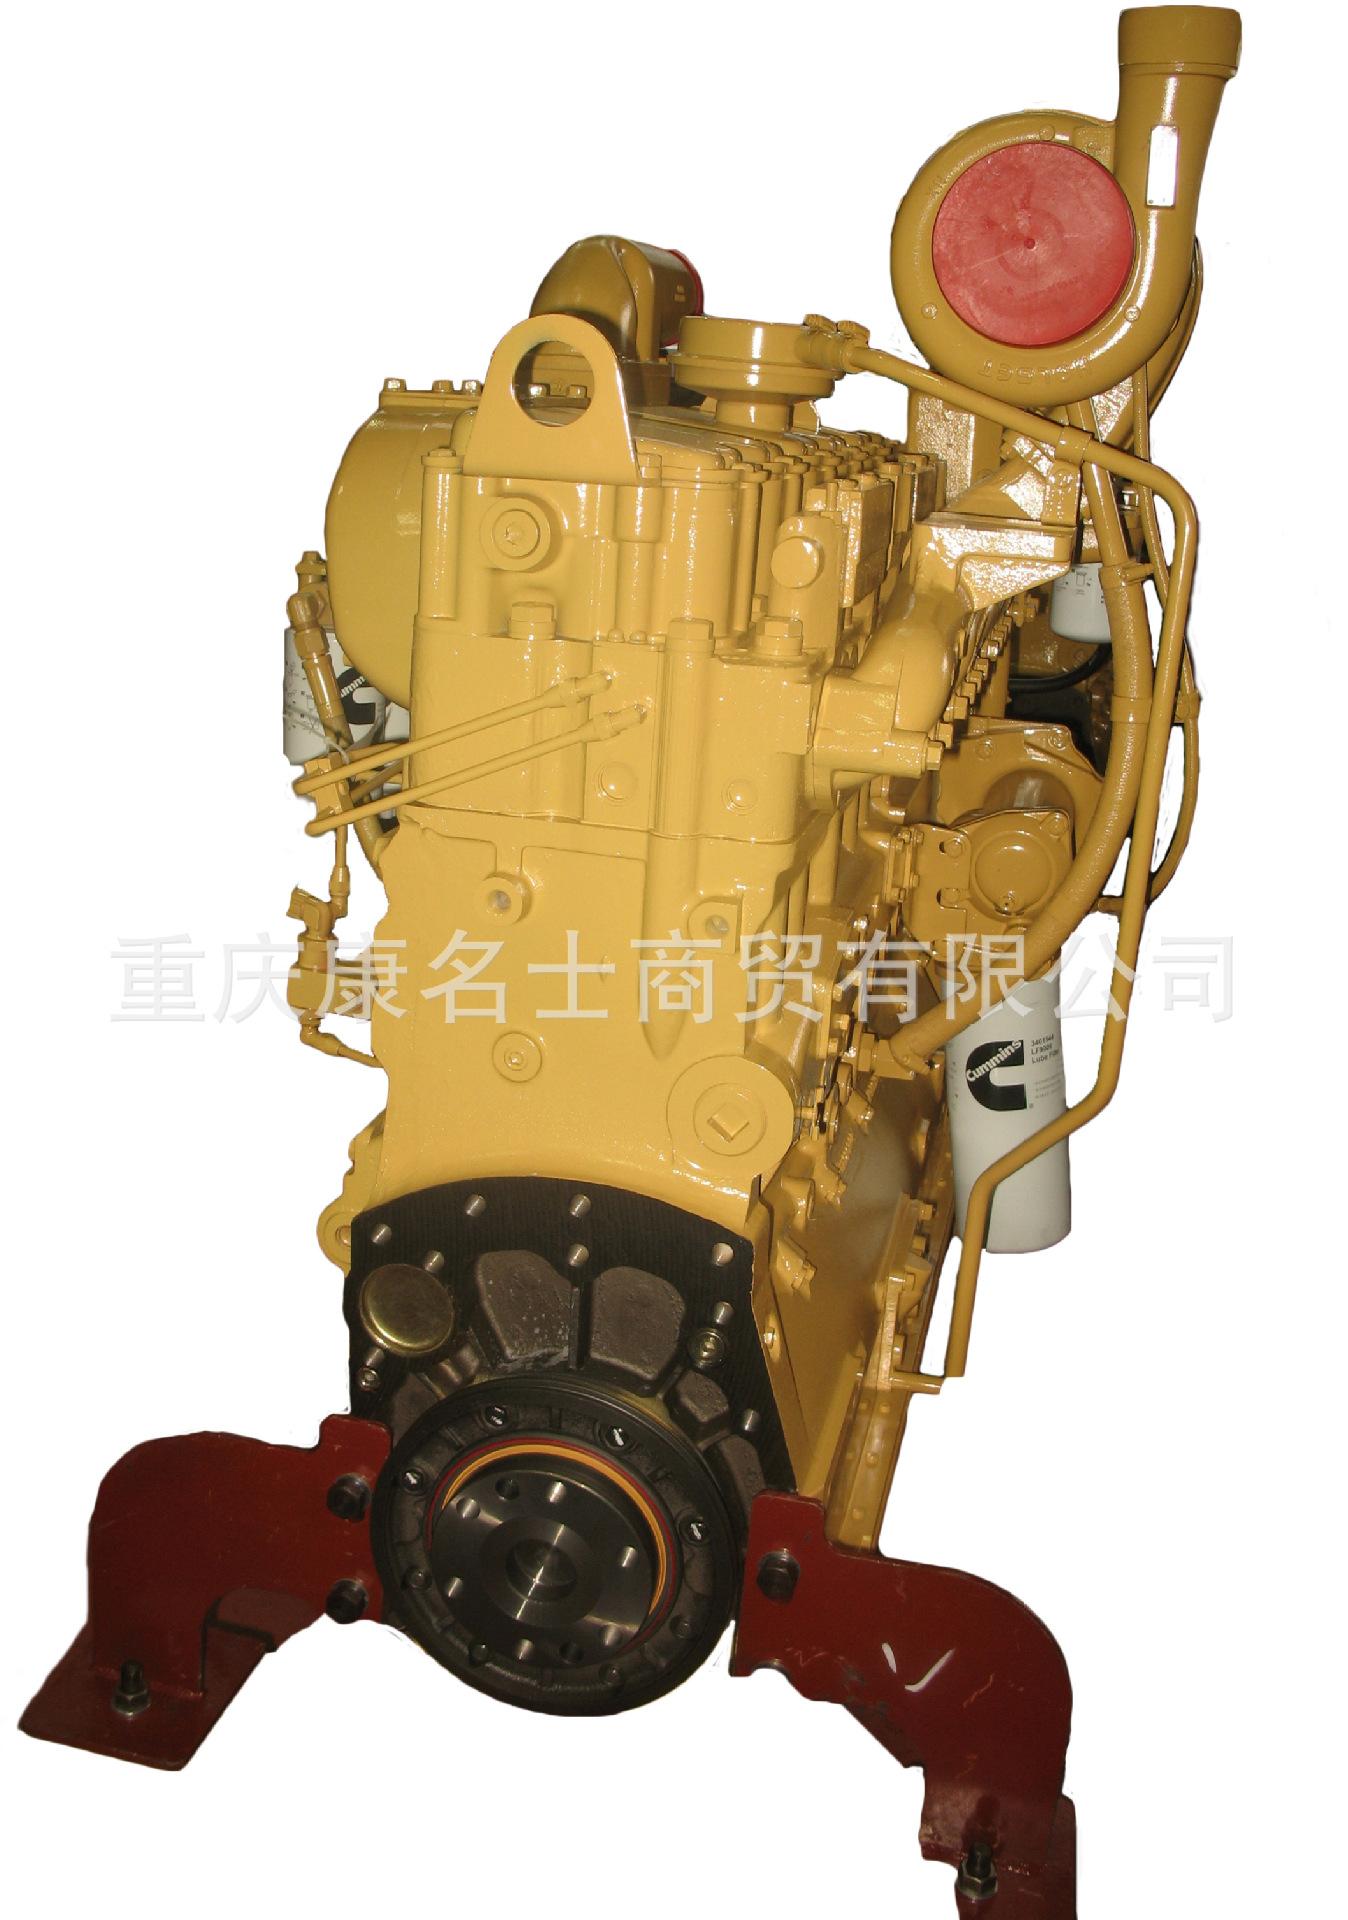 C6205214131康明斯飞轮外壳QSB3.3发动机配件厂价优惠